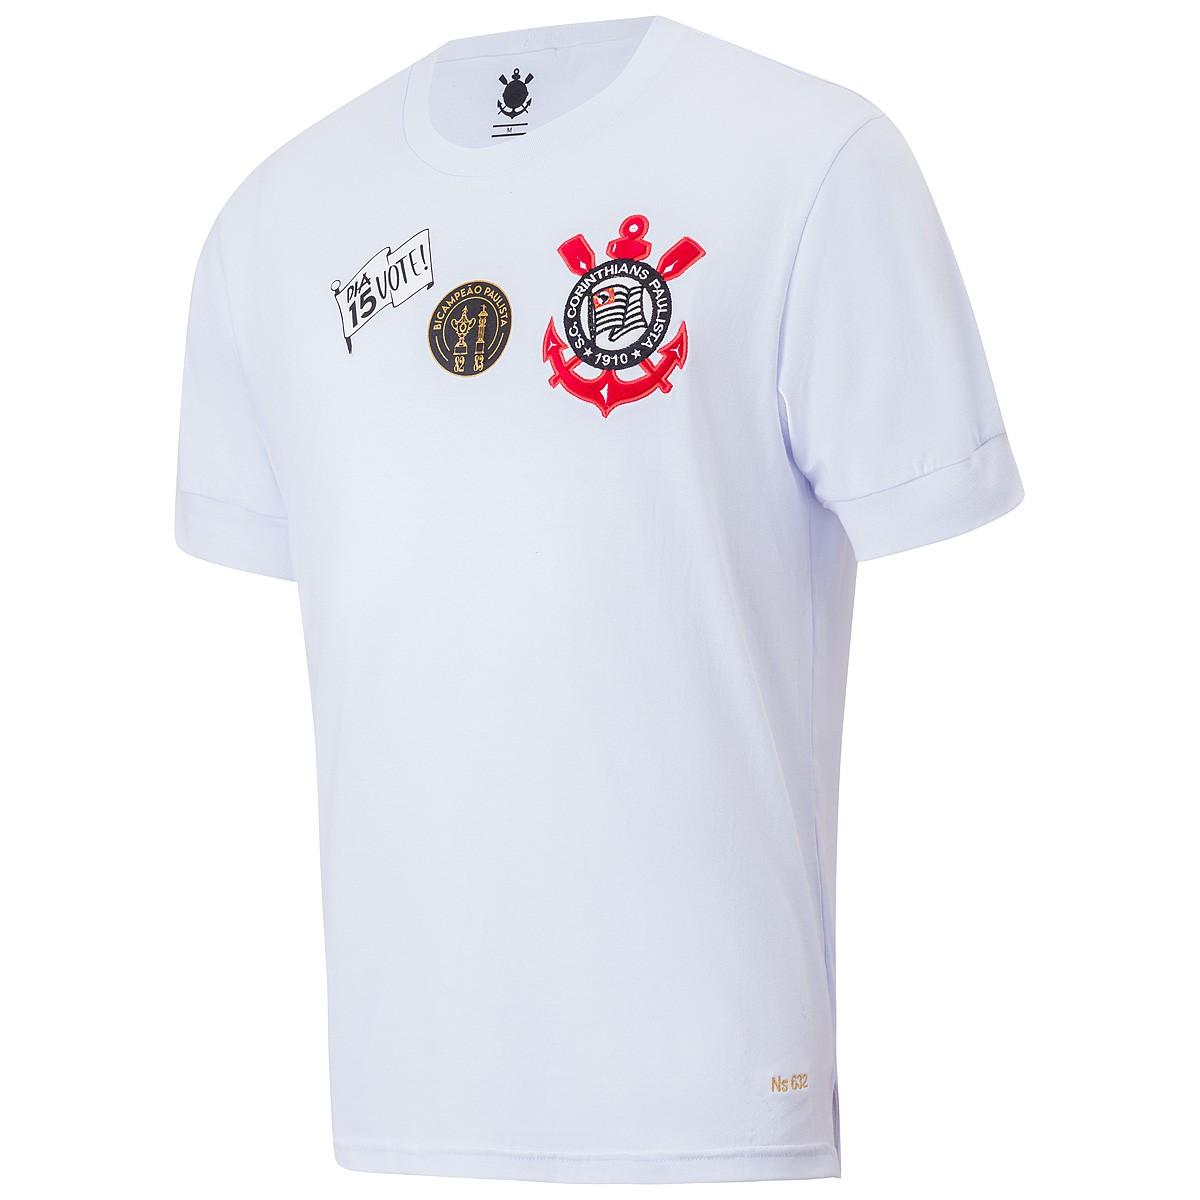 Camisa Corinthians Retrô Democracia Colecionador